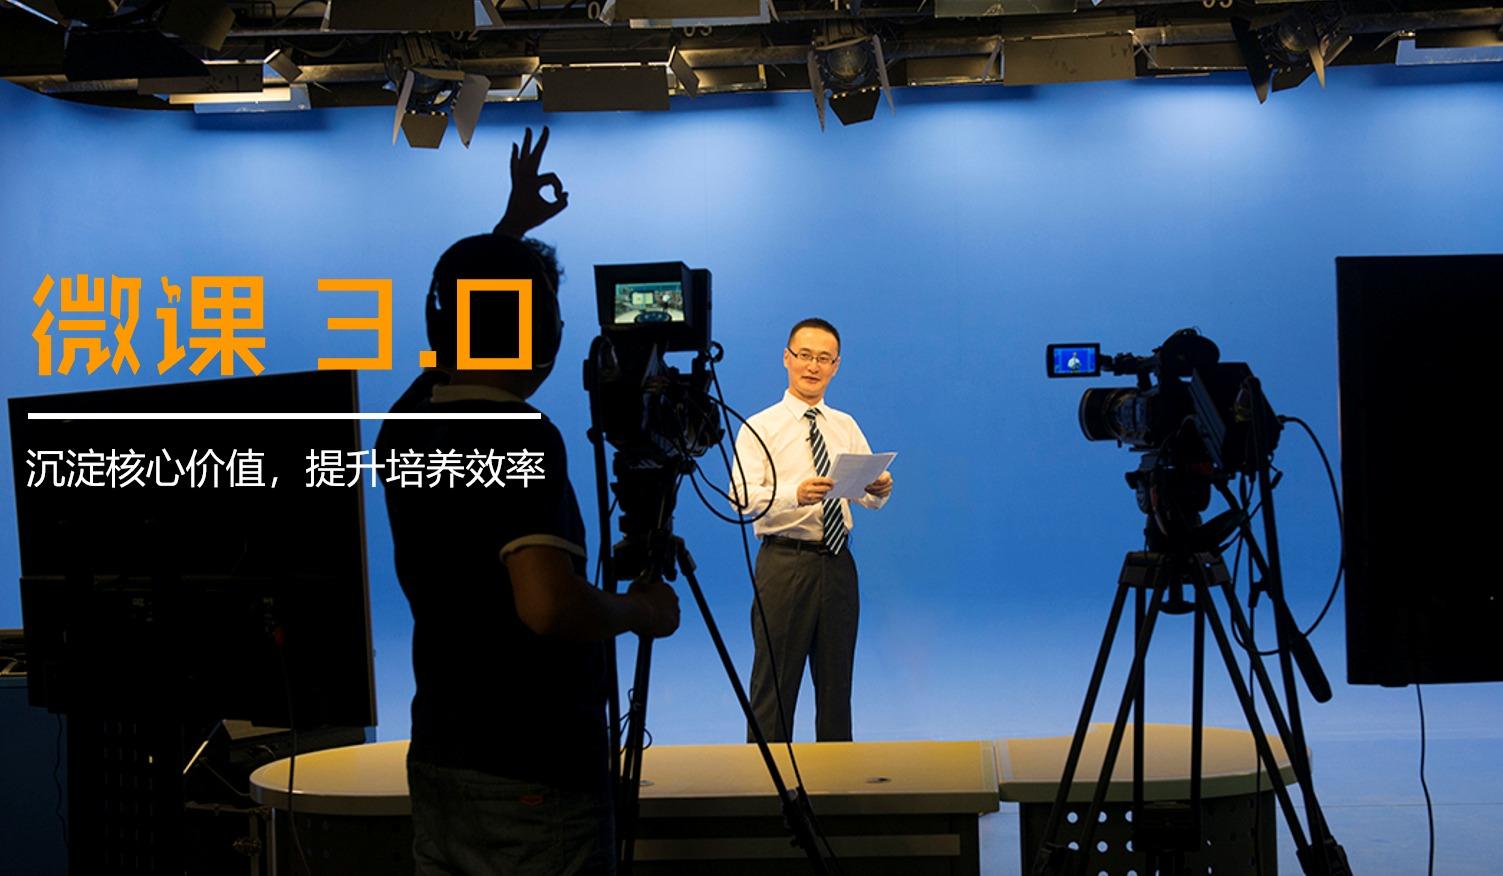 广州9月19日《微课3.0--基于录课的新一代教学开发技术》免费工坊